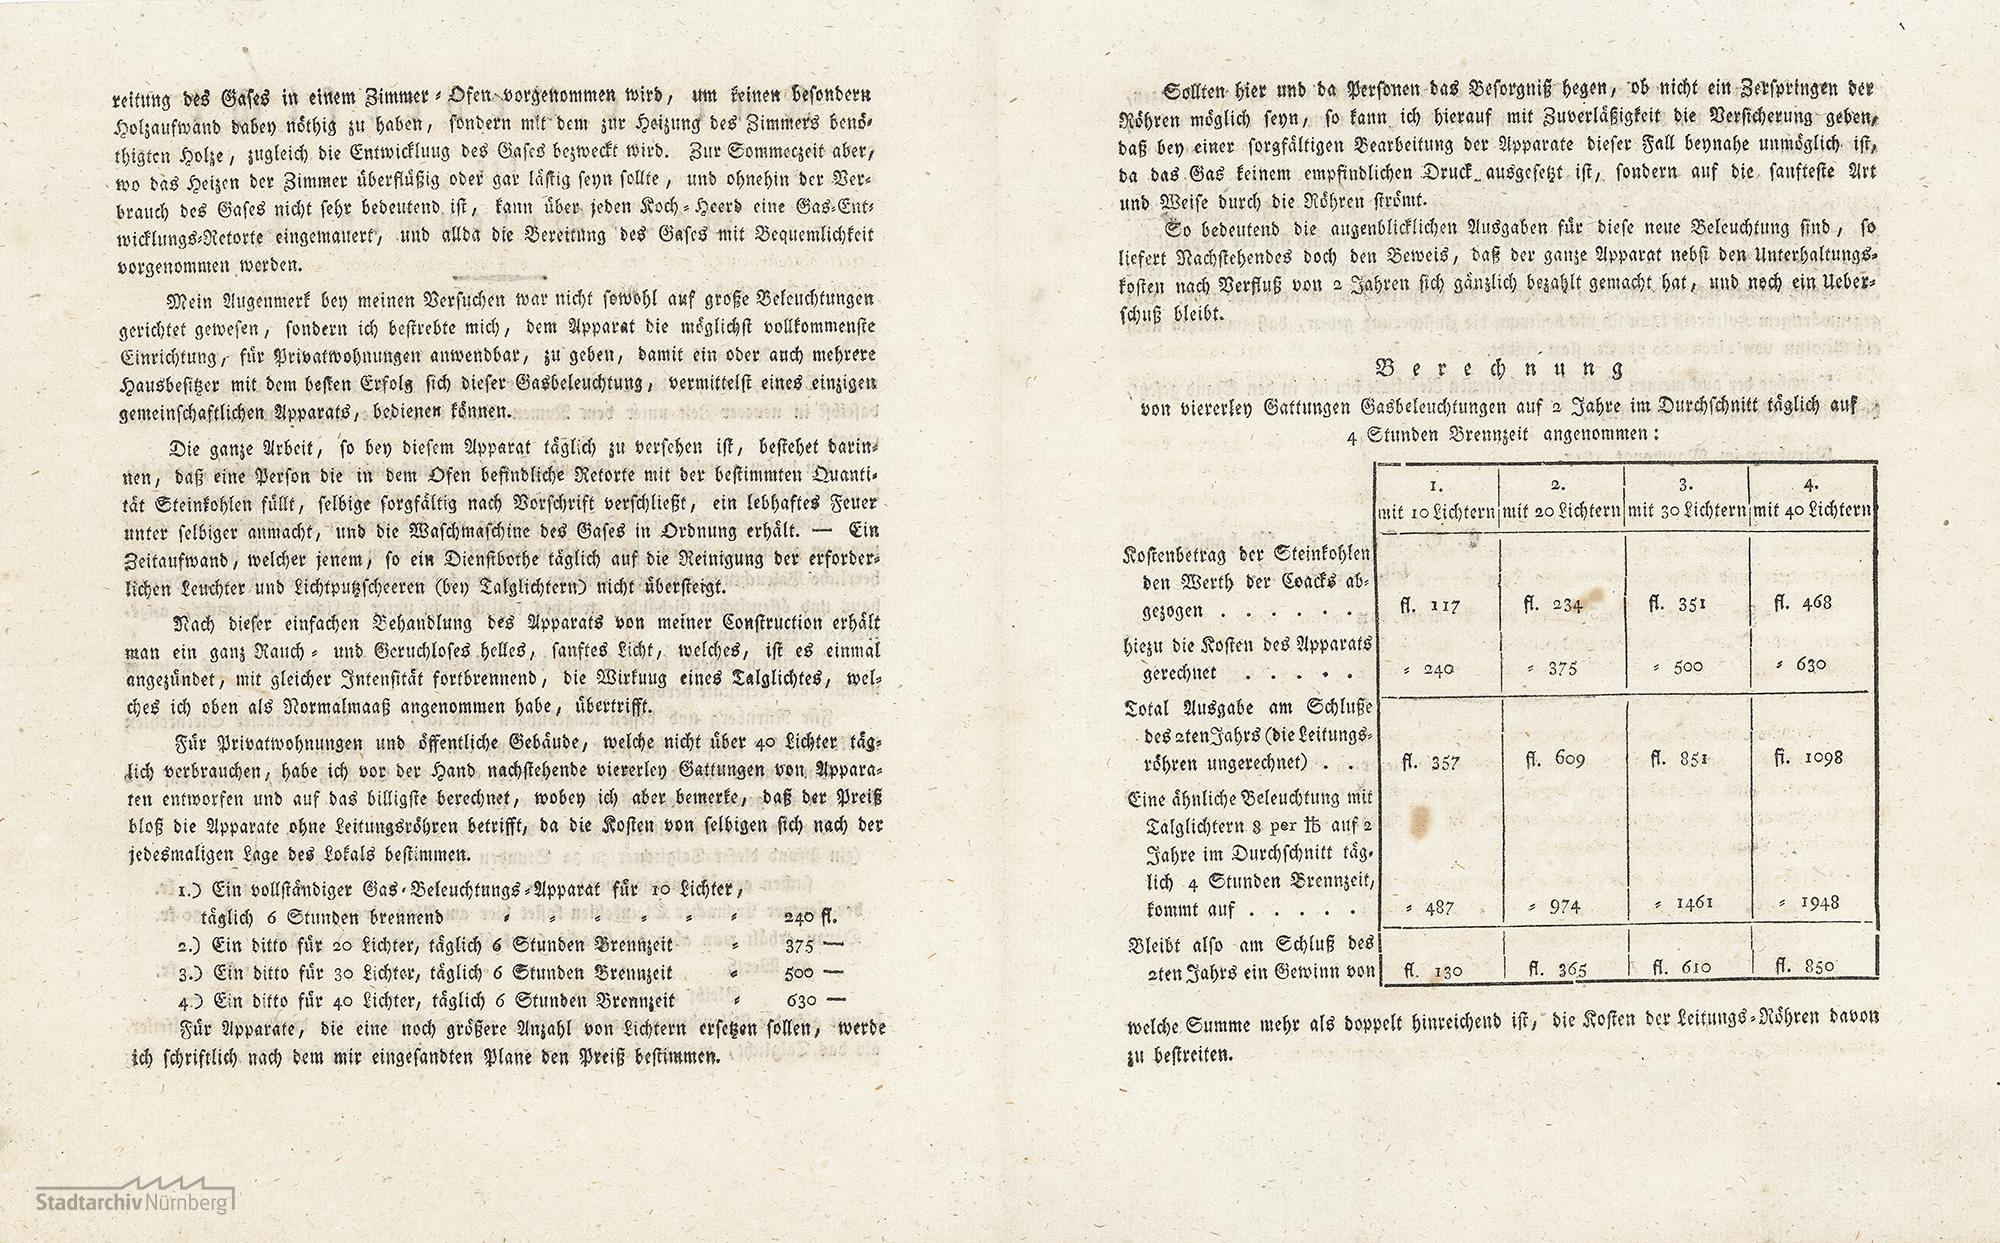 Berechnungen zur Gasbeleuchtung in Nürnberg von Konrad Georg Kuppler